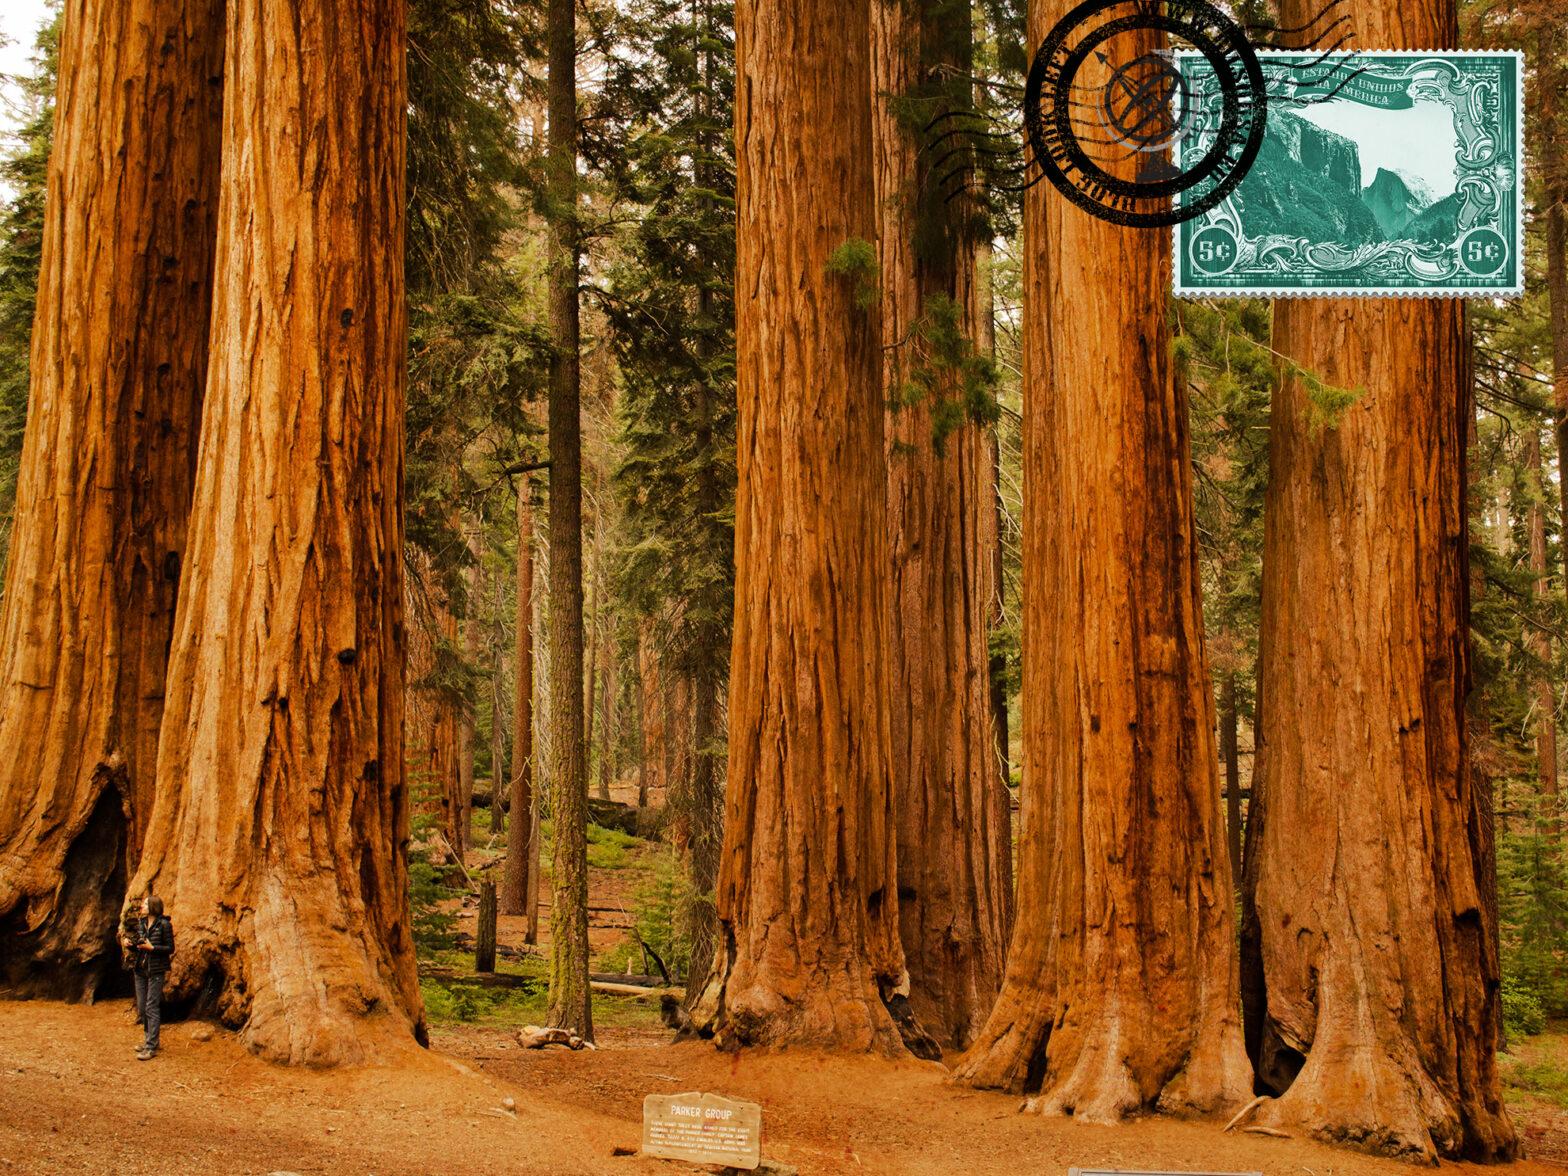 Visitar os Parques Nacionais da Califórnia